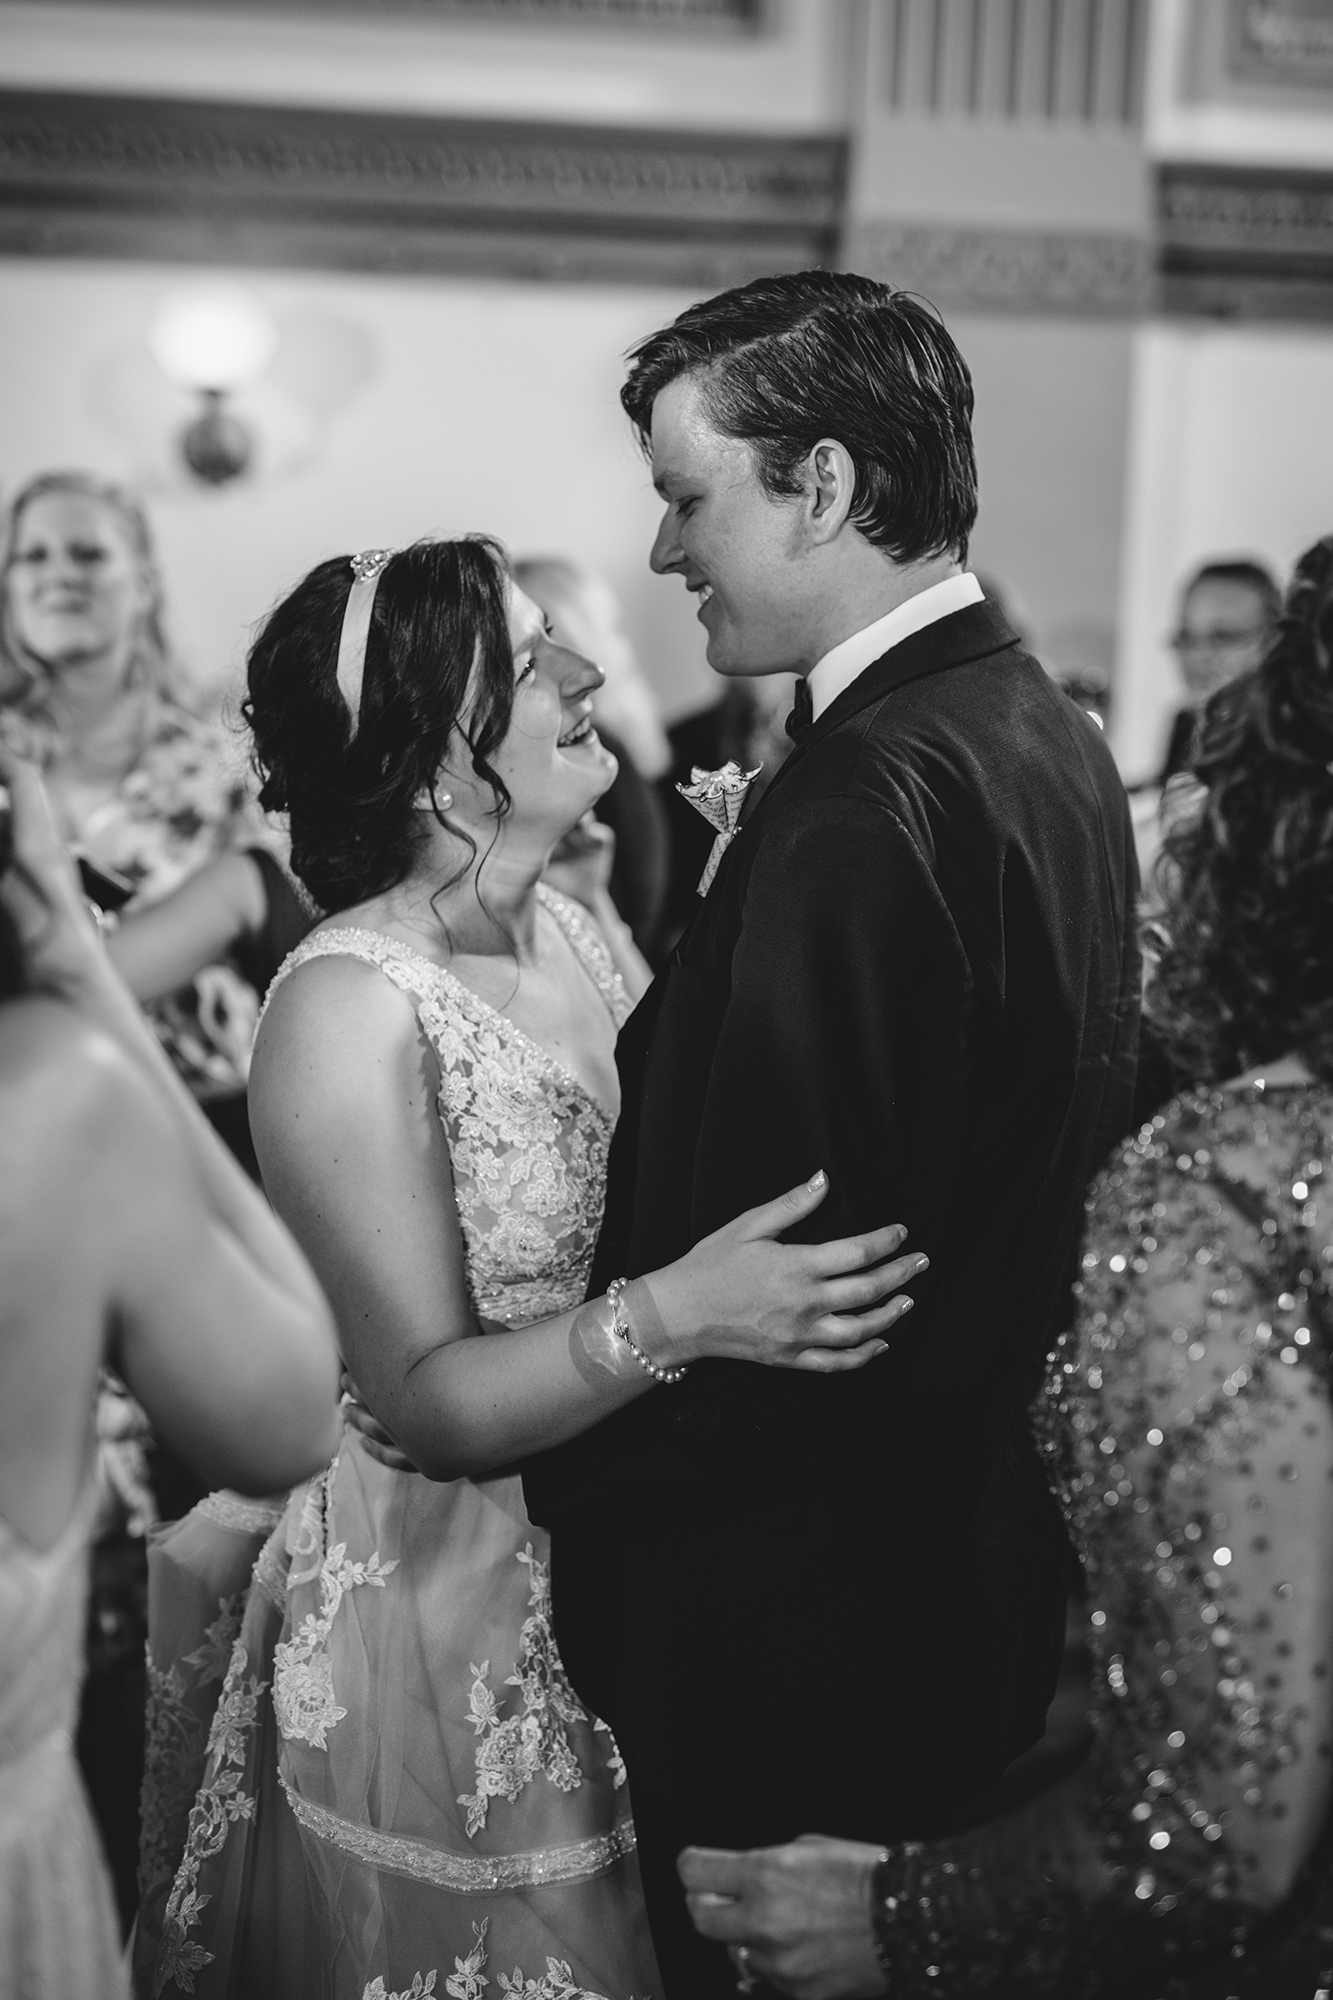 Stephanie And Tom On Dance Floor